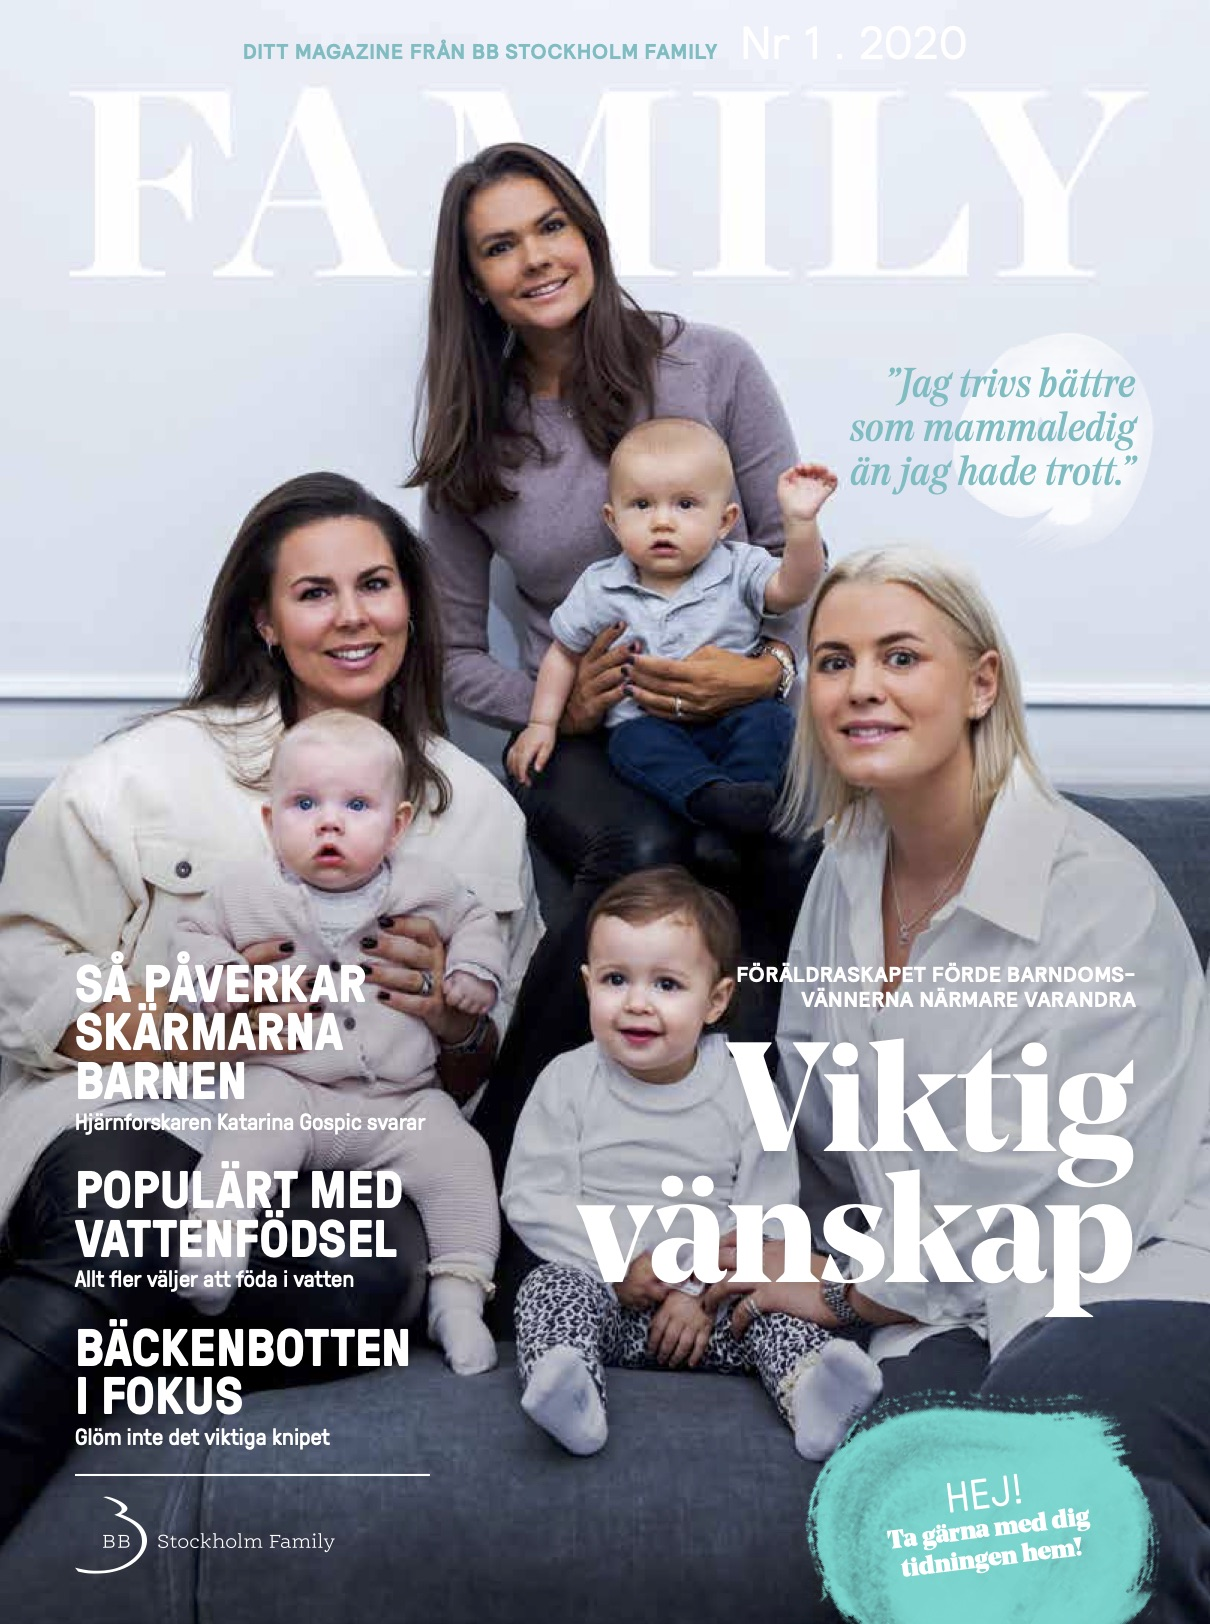 Vattenfödsel, skärmtid och systerskap i BB Stockholms tidning Family